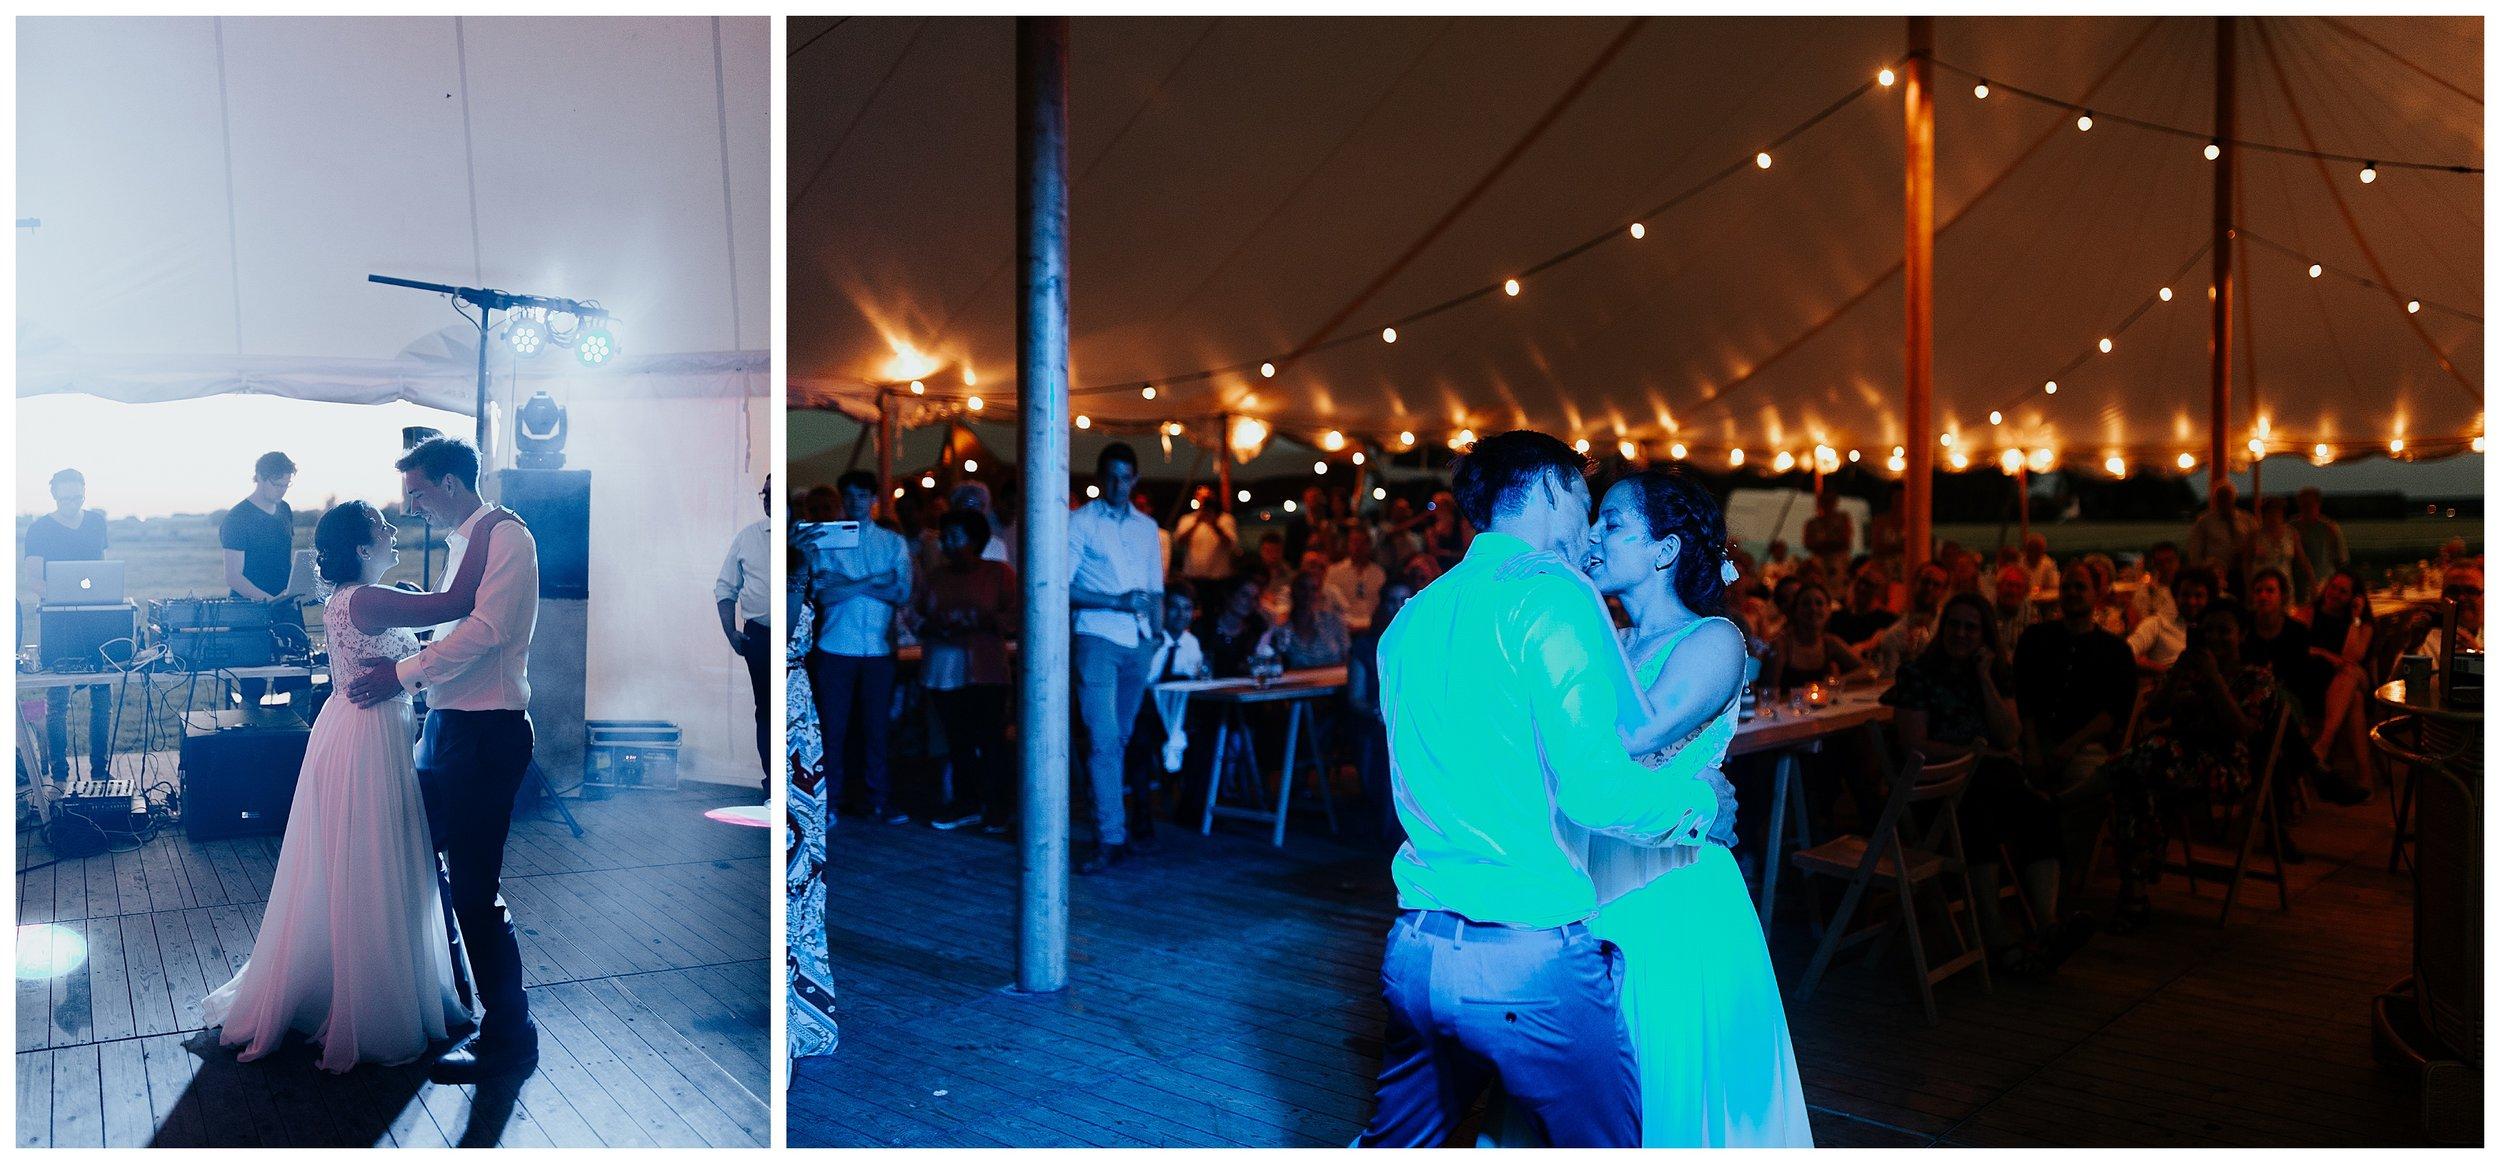 huwelijksfotograaf-huwelijksfotografie-knokke-heist-lisa-helsen-photography-trouwfotograaf-trouwfoto-sabine-pieter_0040.jpg